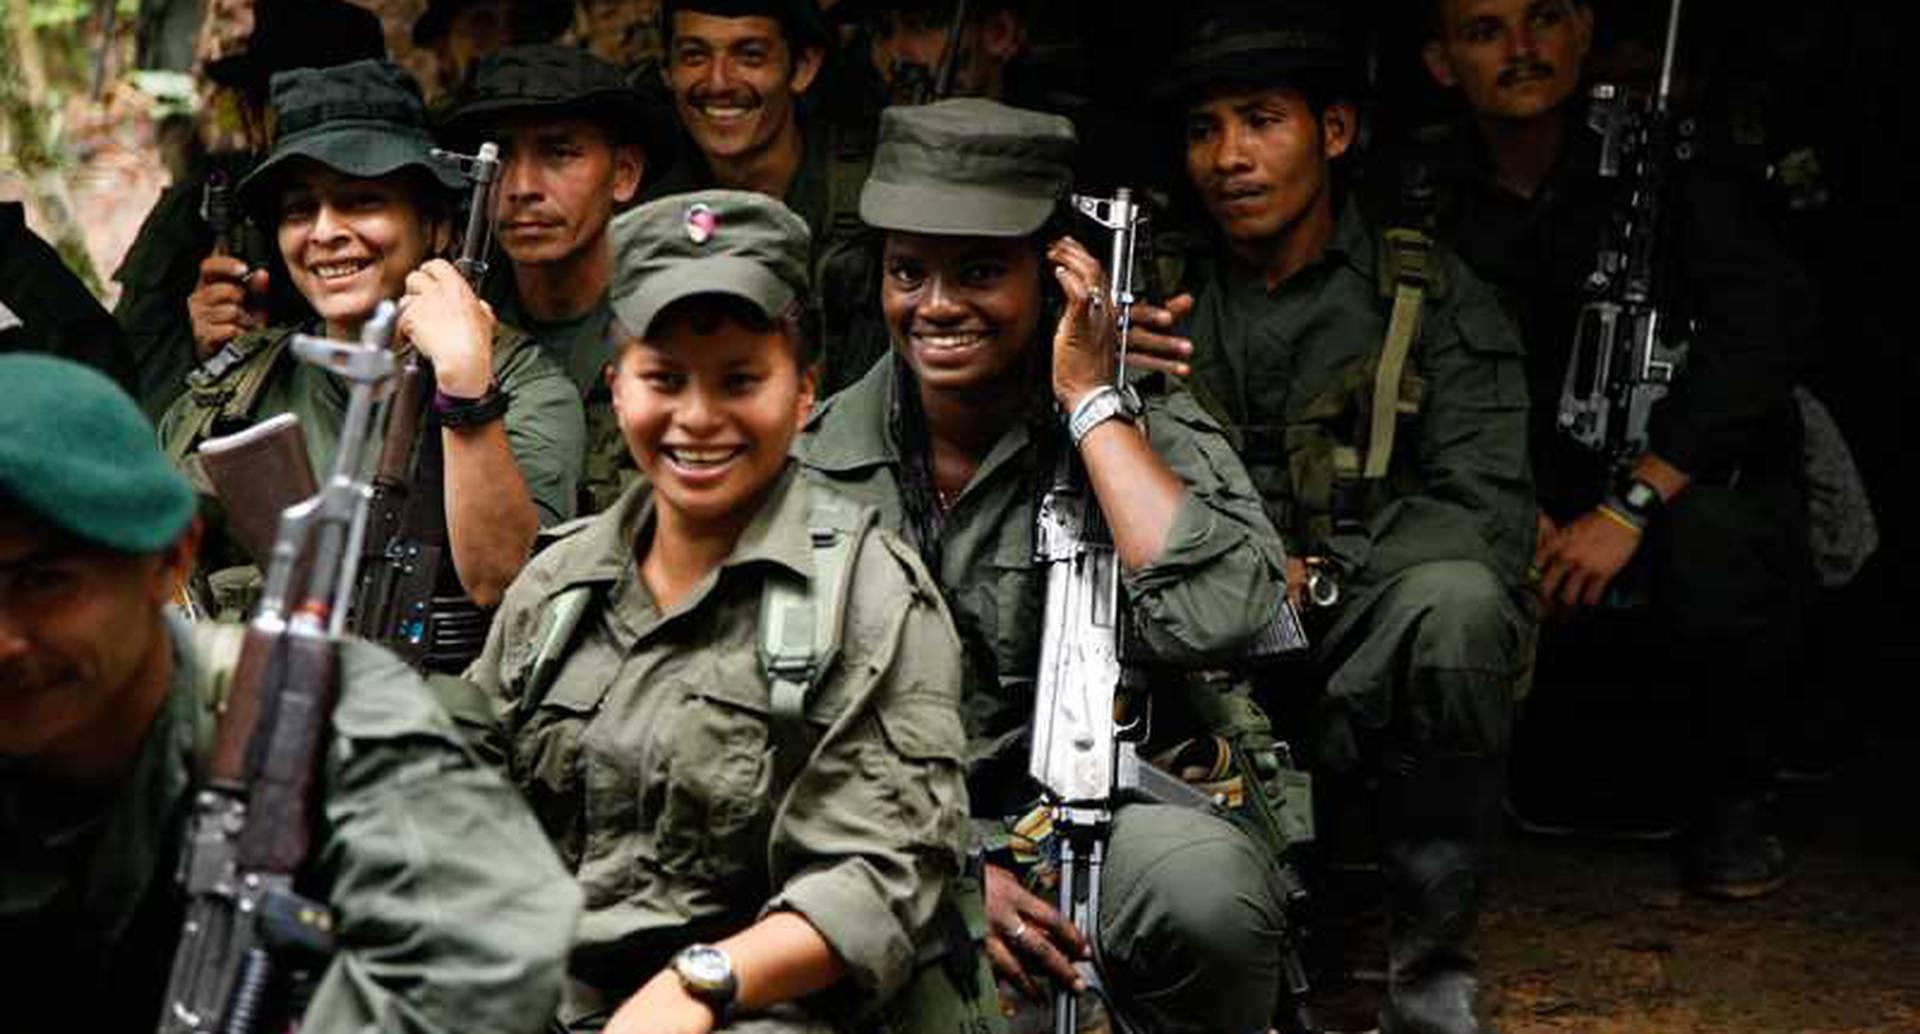 En estos días los guerrilleros pasan más tiempo en las aulas que en las trincheras. A pesar de que son jóvenes, son veteranos en las Farc. Cada uno lleva por lo menos 15 años en las filas guerrilleras.